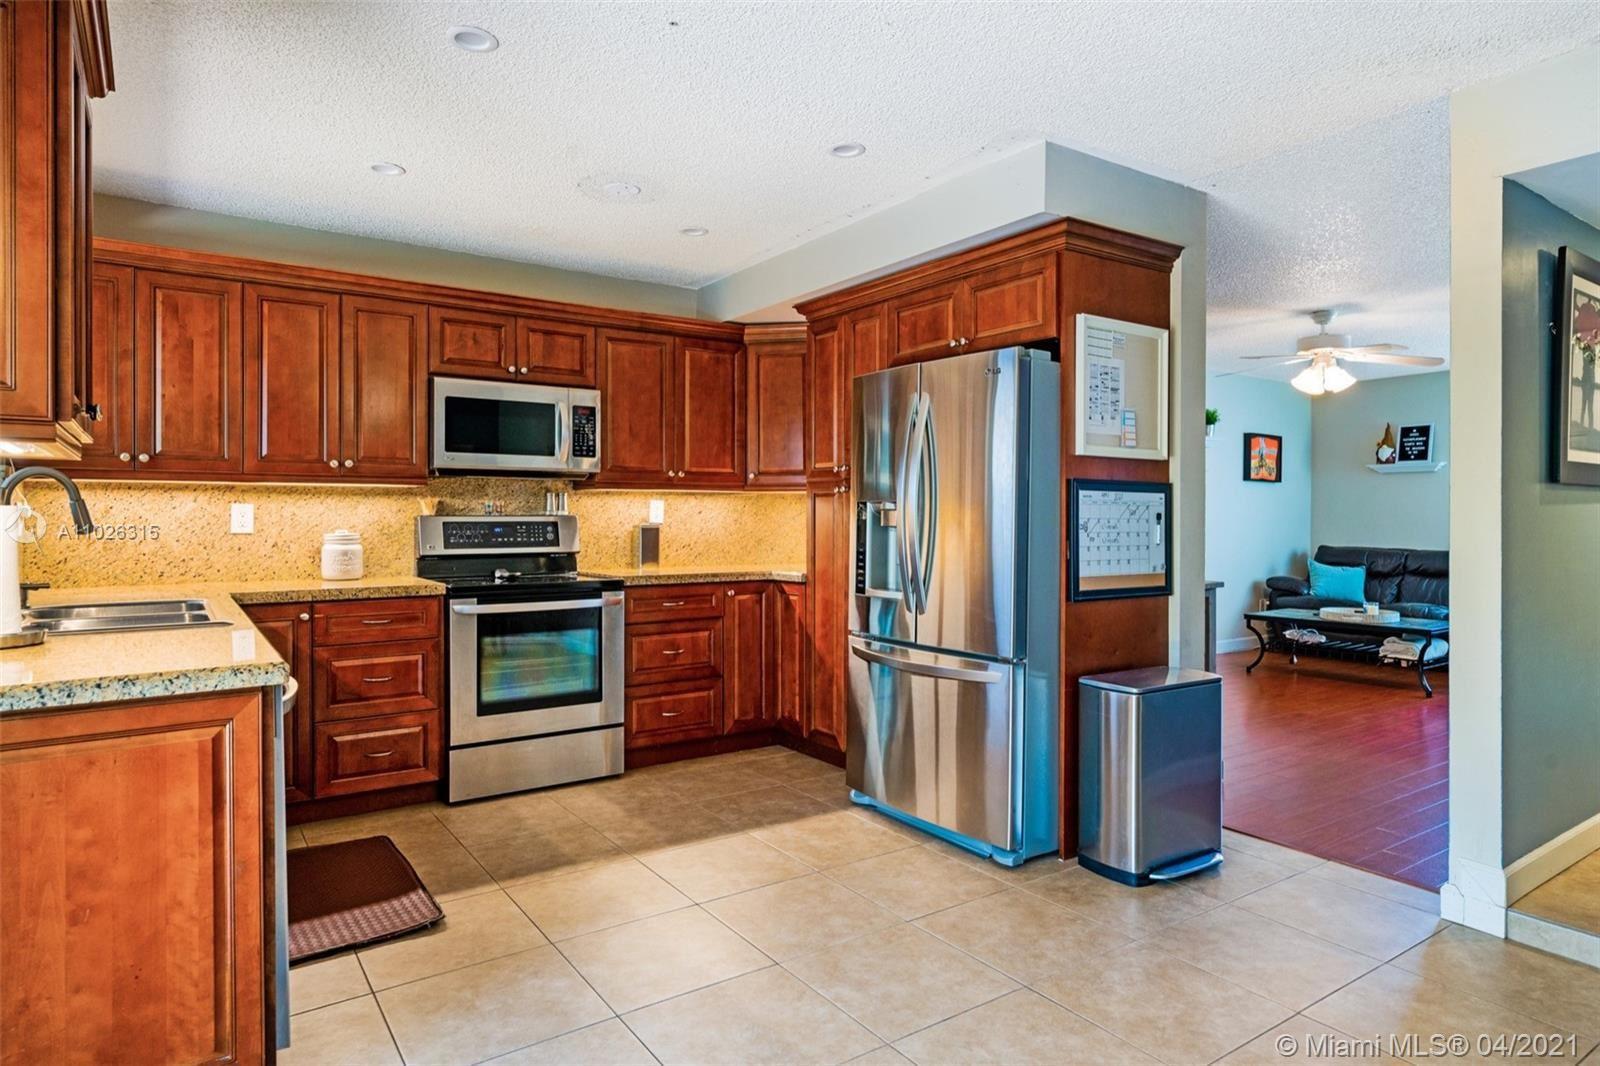 9653 SW 148th Ave #X, Miami, FL 33196 - #: A11026315